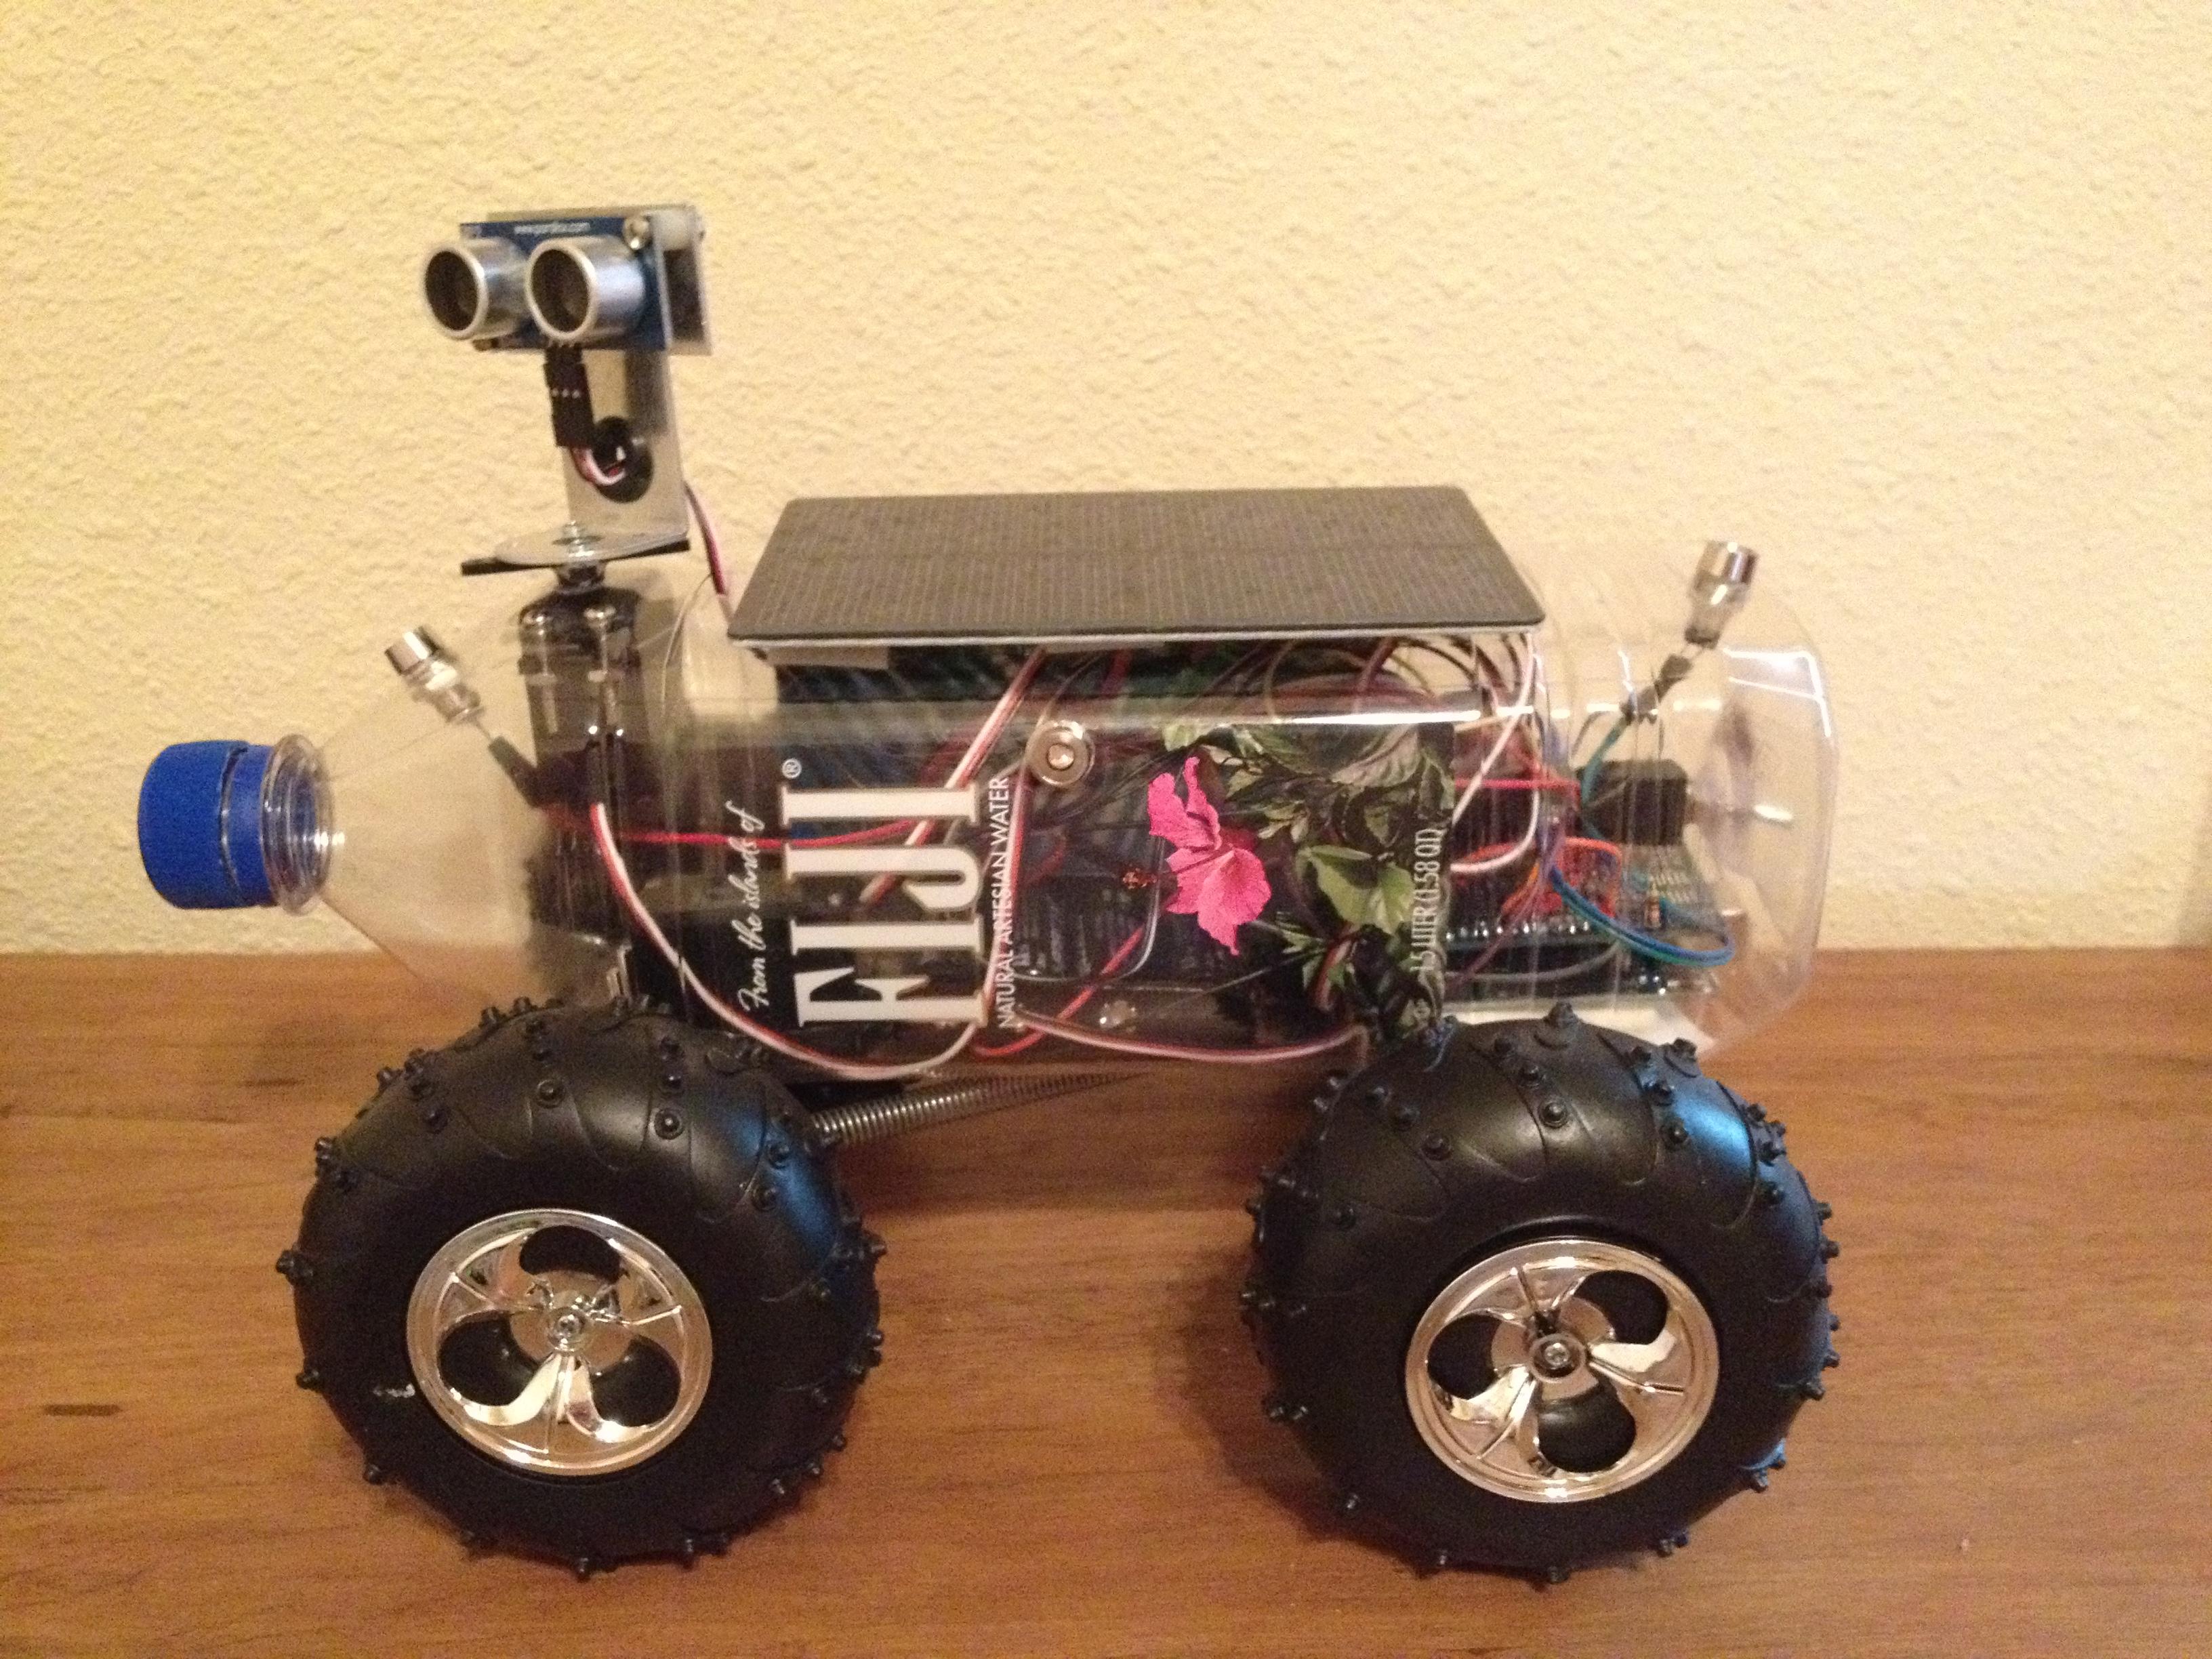 Fijibot